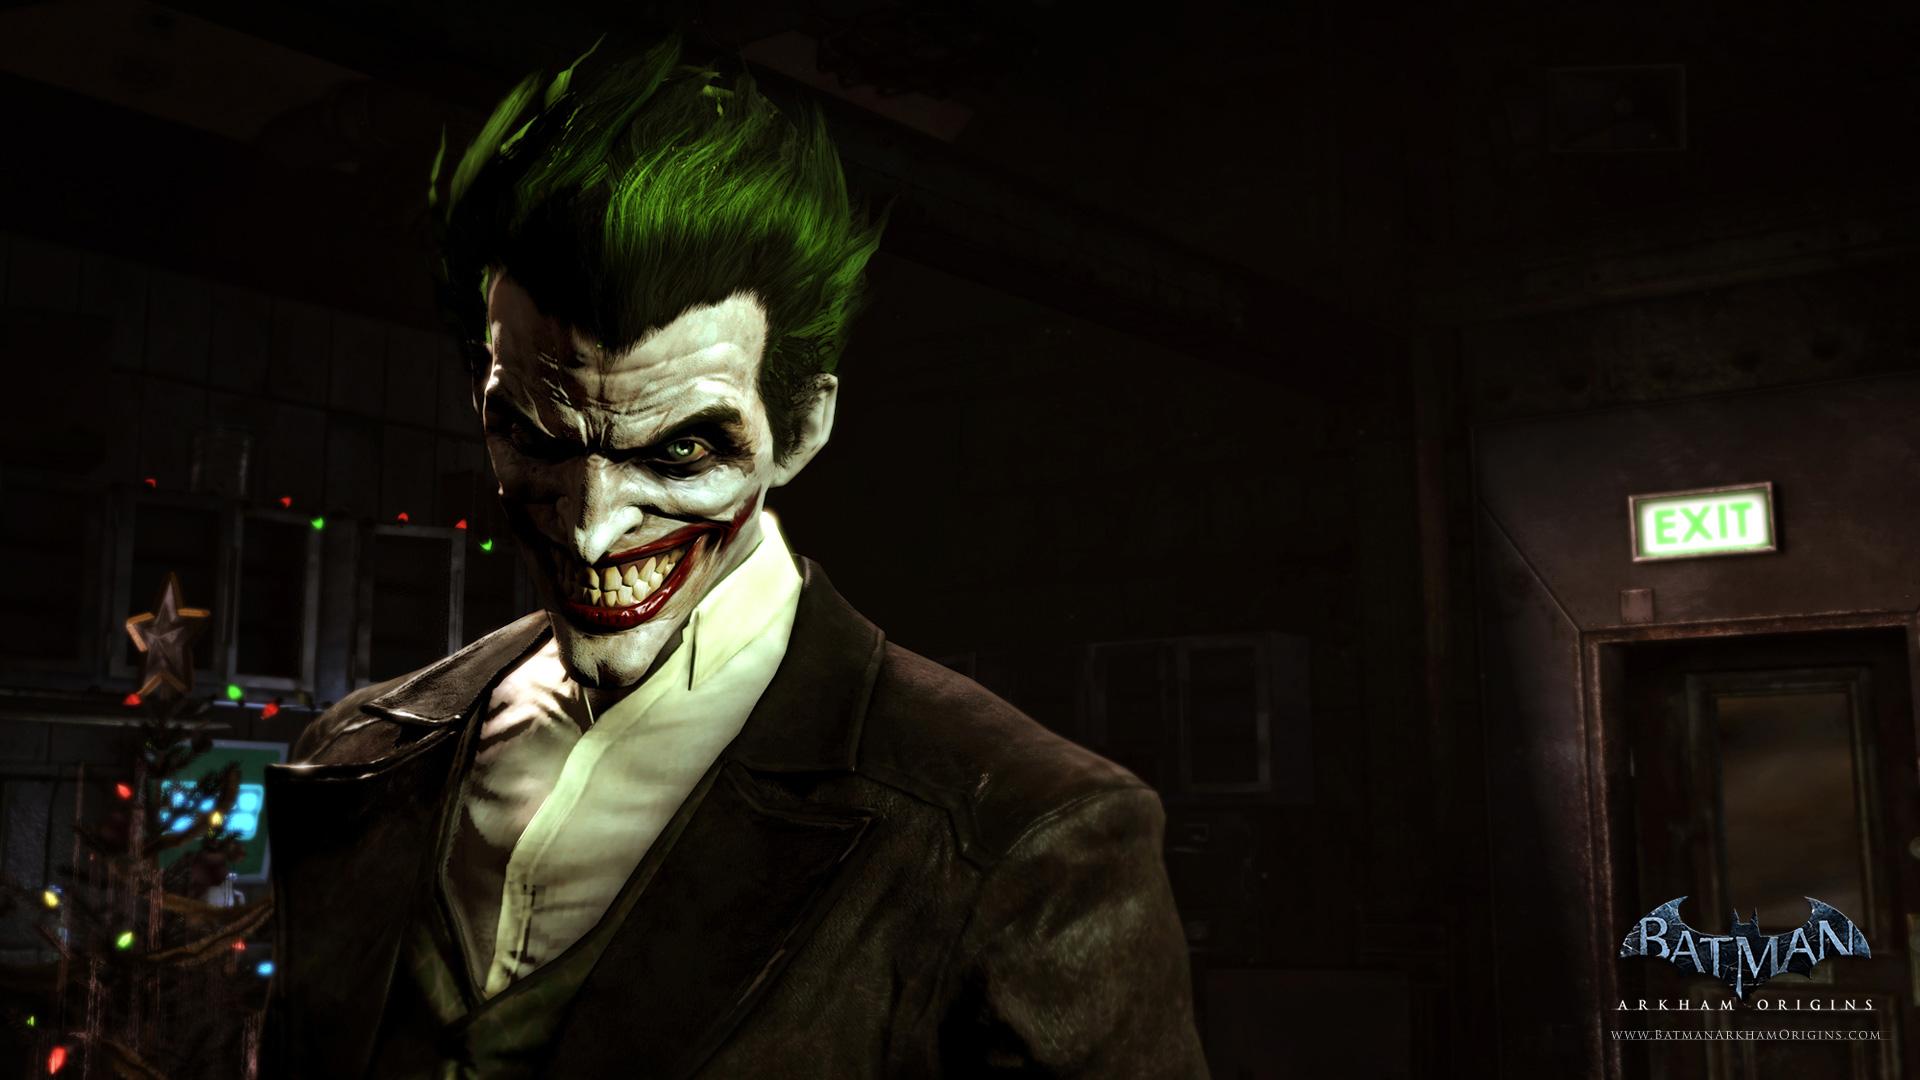 Photos joker batman arkham origins wallpaper 1920x1080